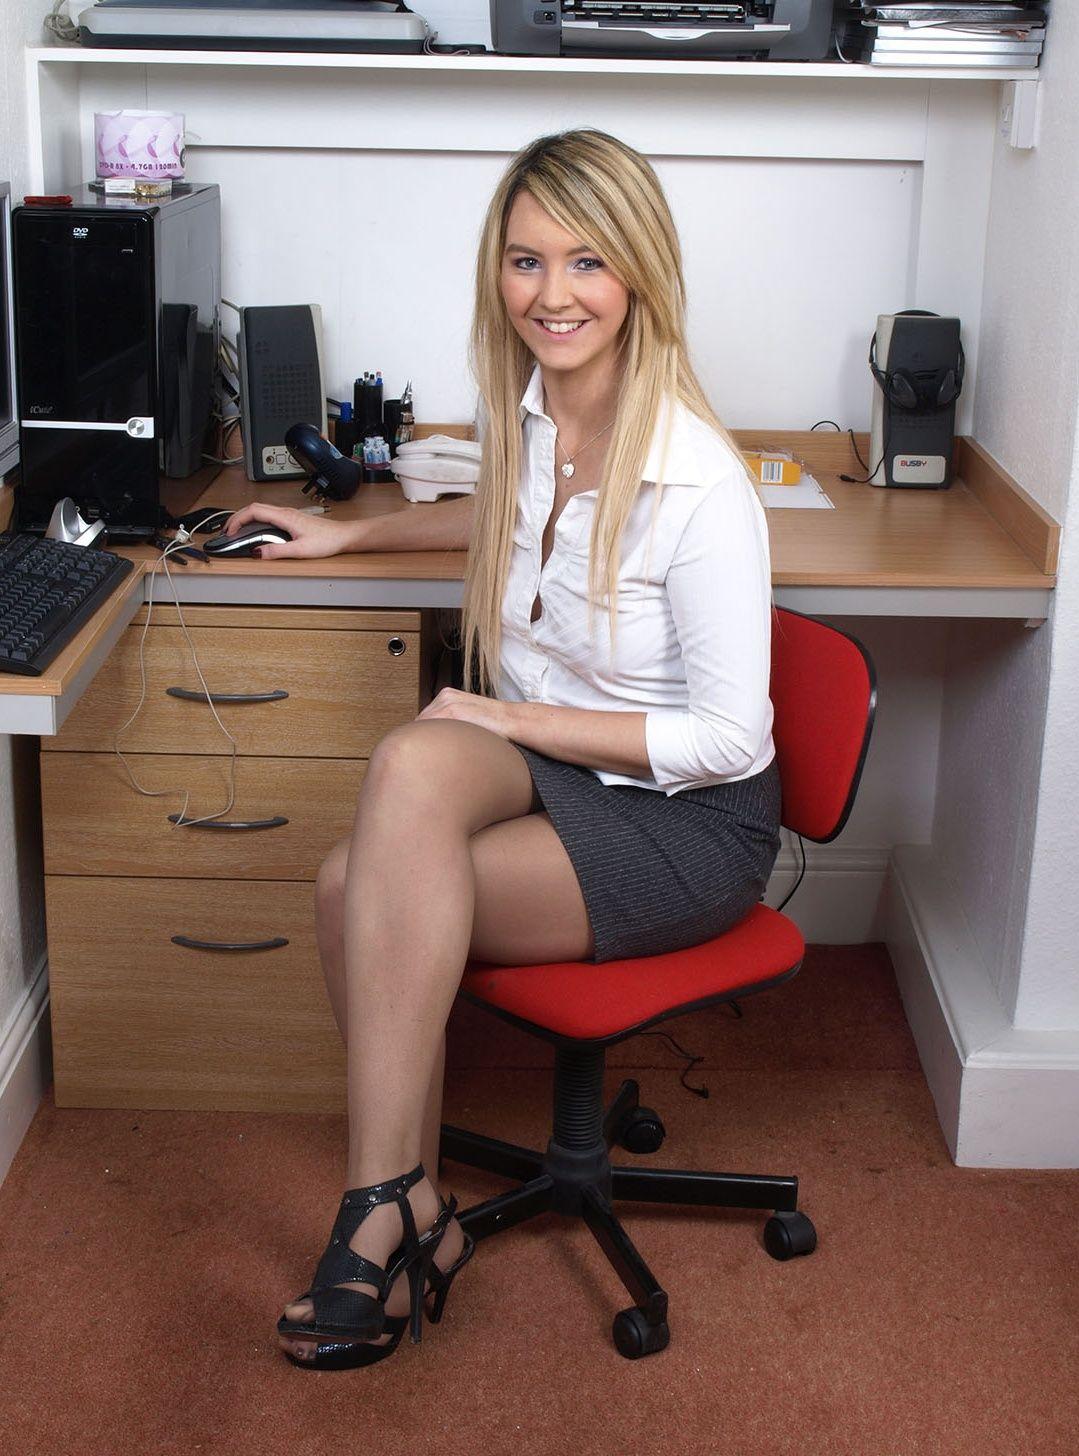 Pantyhose Dating http://pantyhosedating.co.uk #pantyhose #stockings #